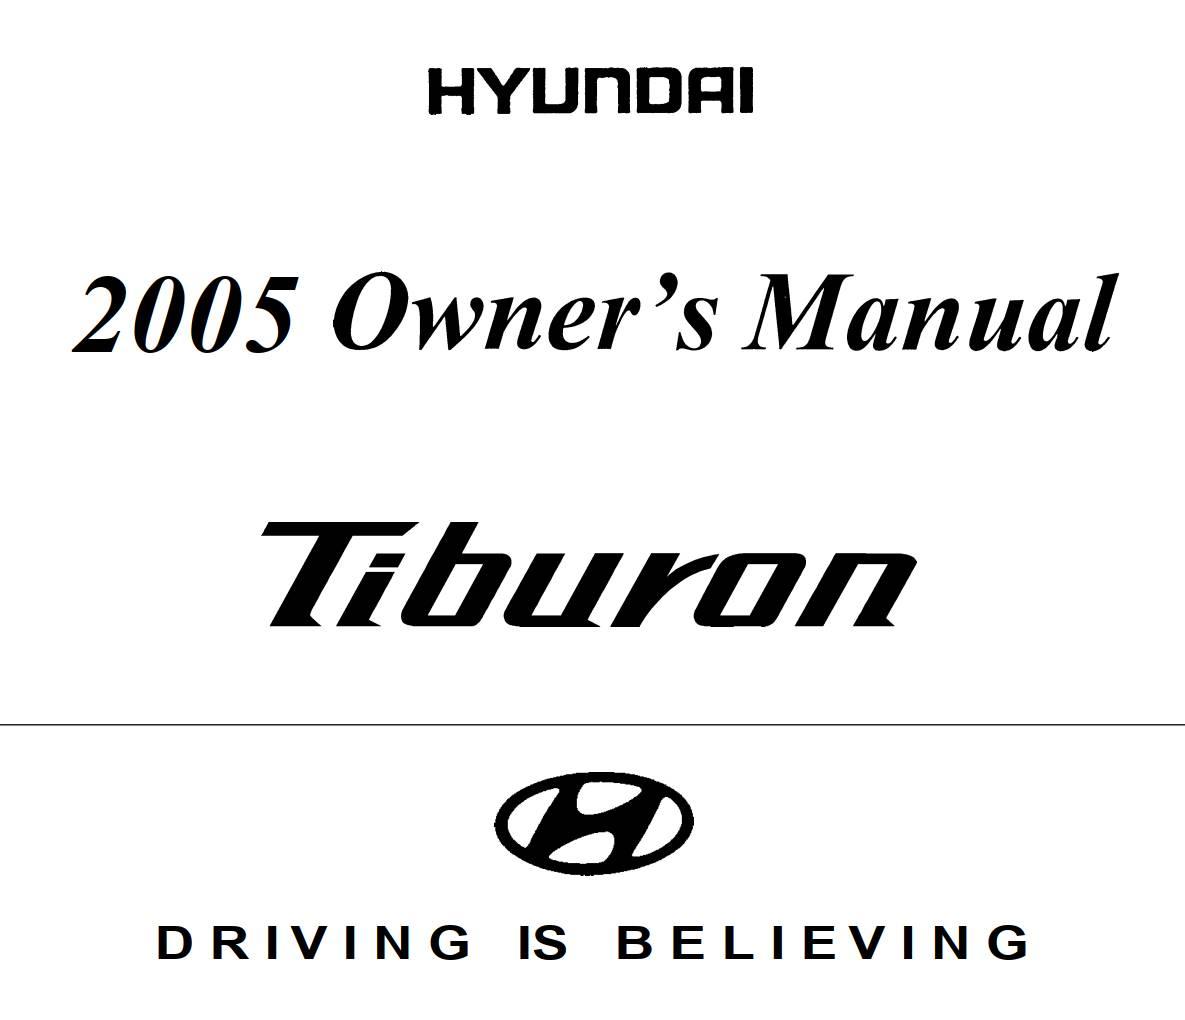 Hyundai Tiburon 2005 Owner's Manual